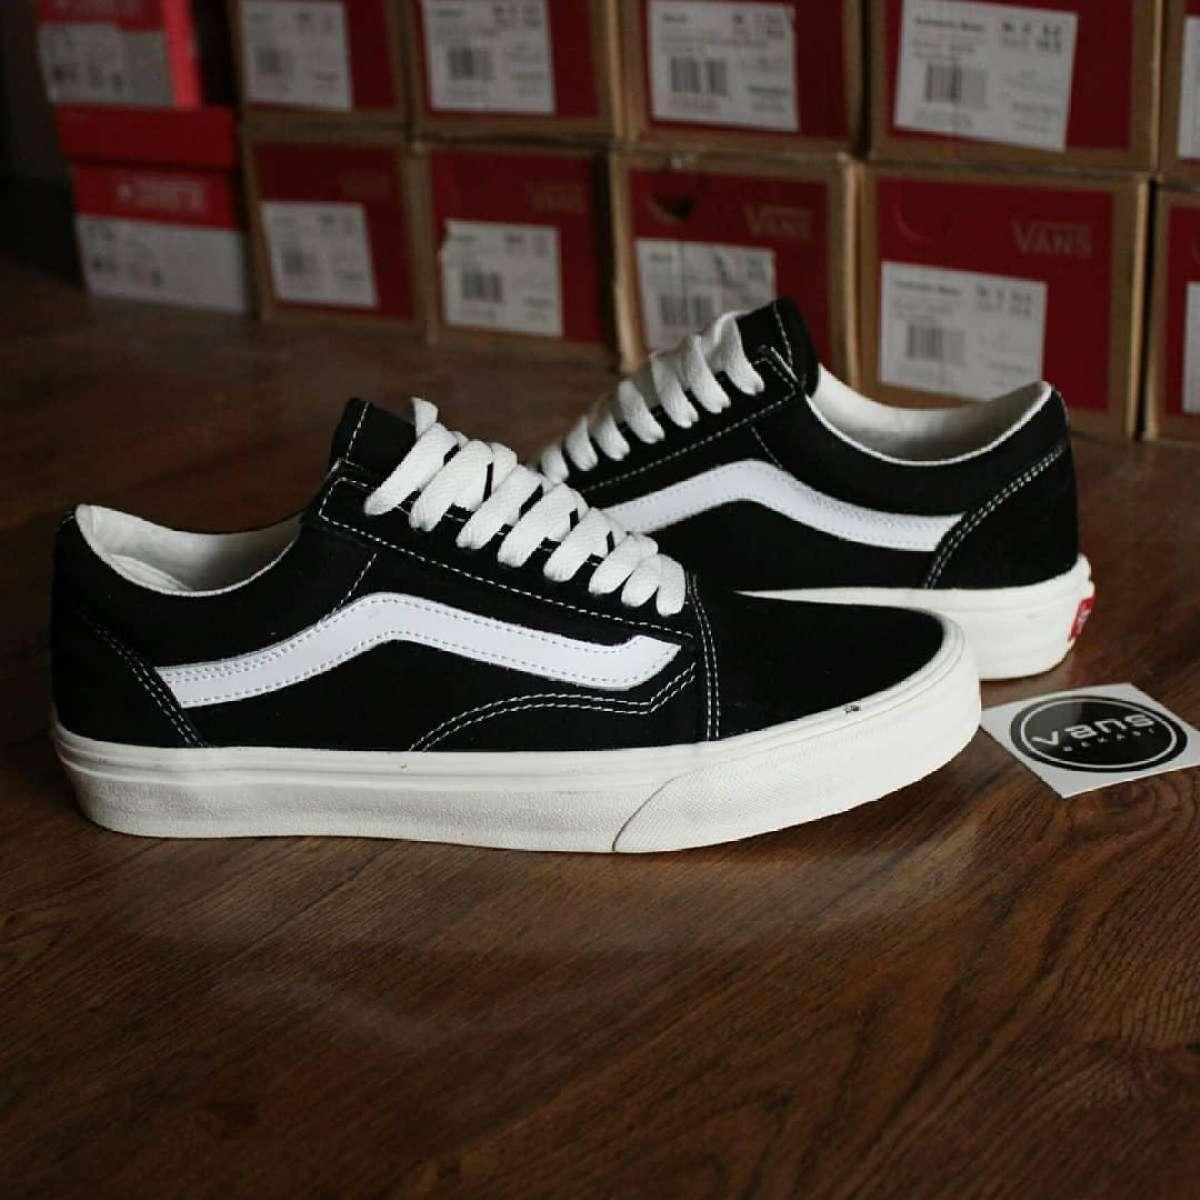 Jembar Store sepatu kets vans_old school & checkboard termurah terlaris pria/wanita/unisex free box size 36-43 bnib original - sneakers premium id